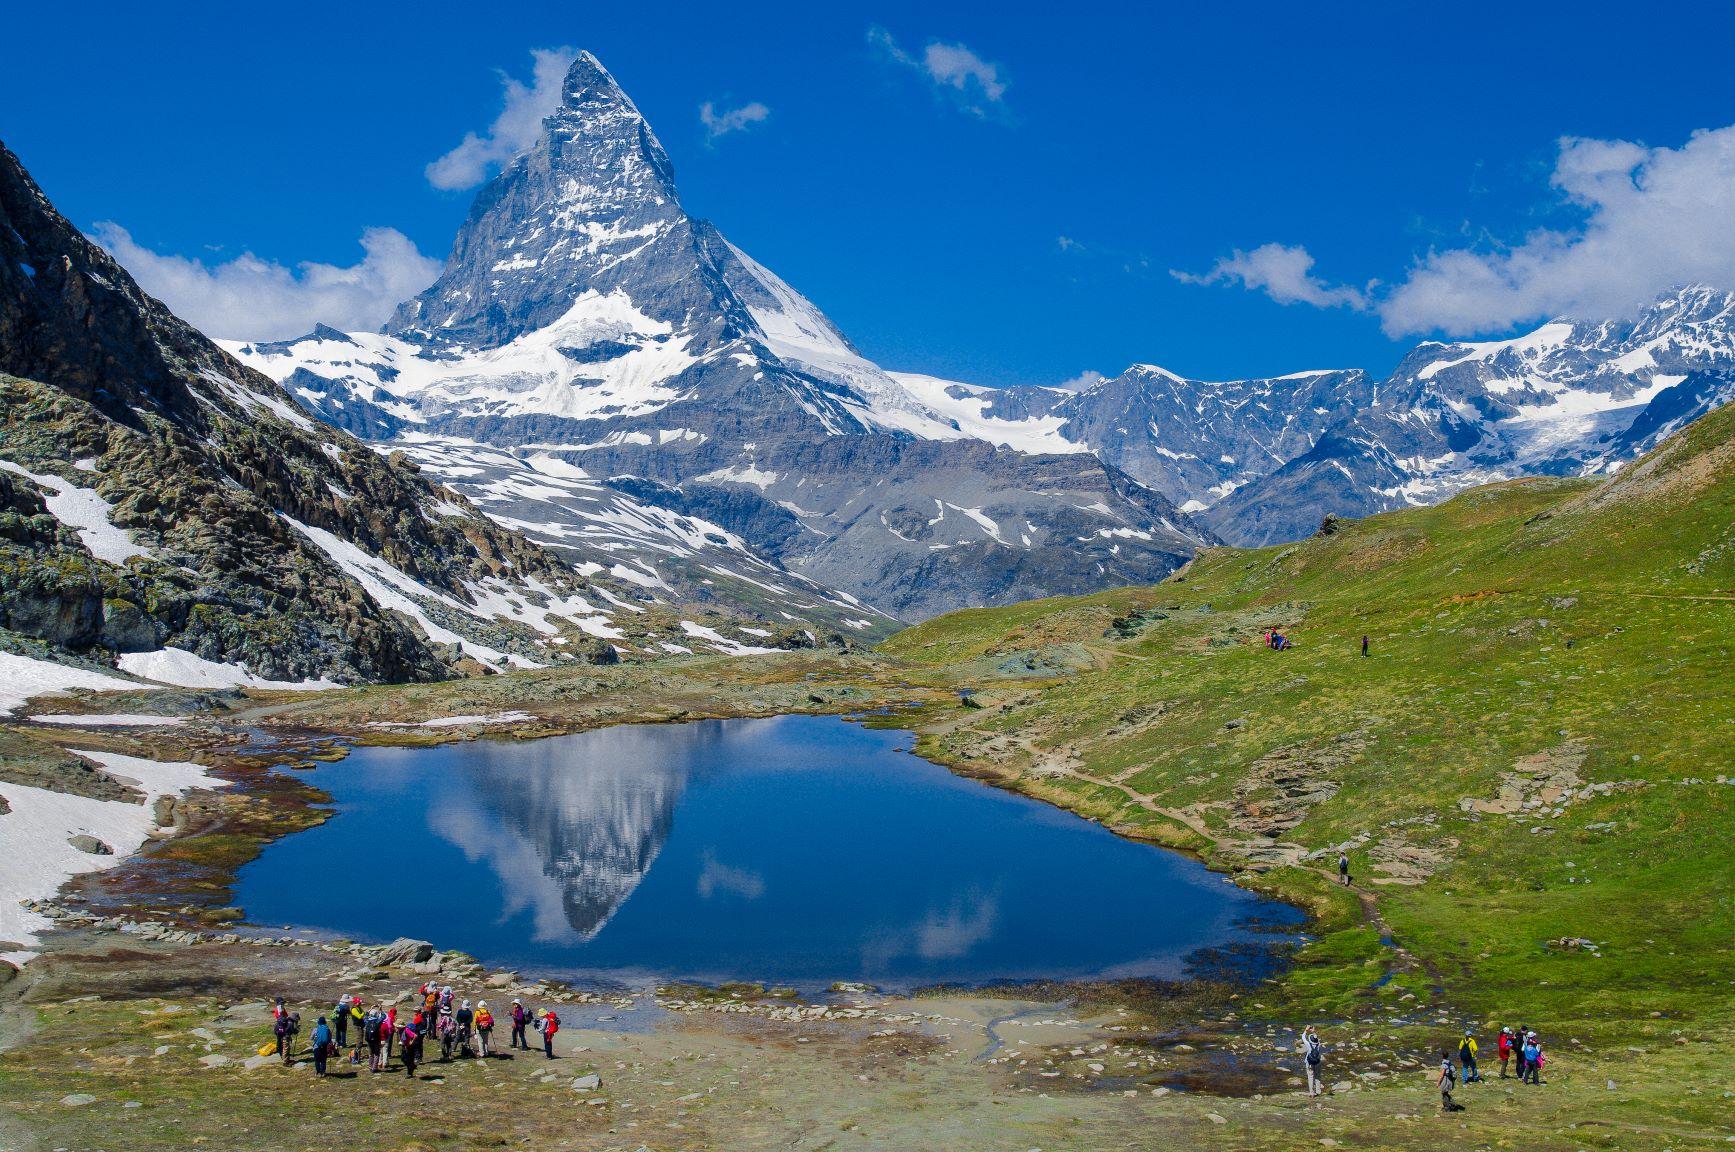 山上のリッフェル湖と名峰マッターホルン